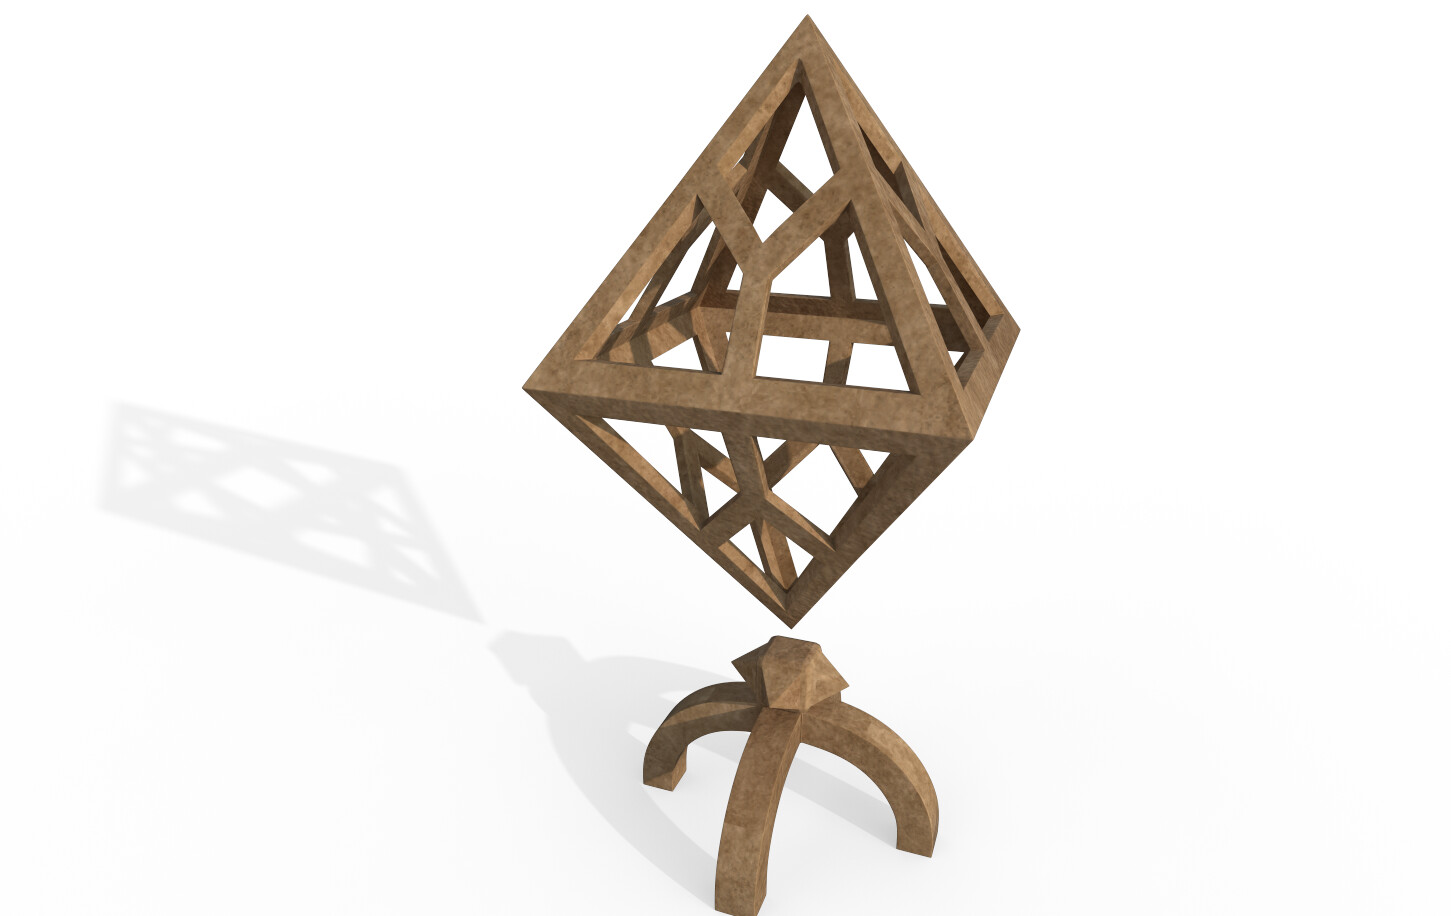 Joseph moniz cube001c